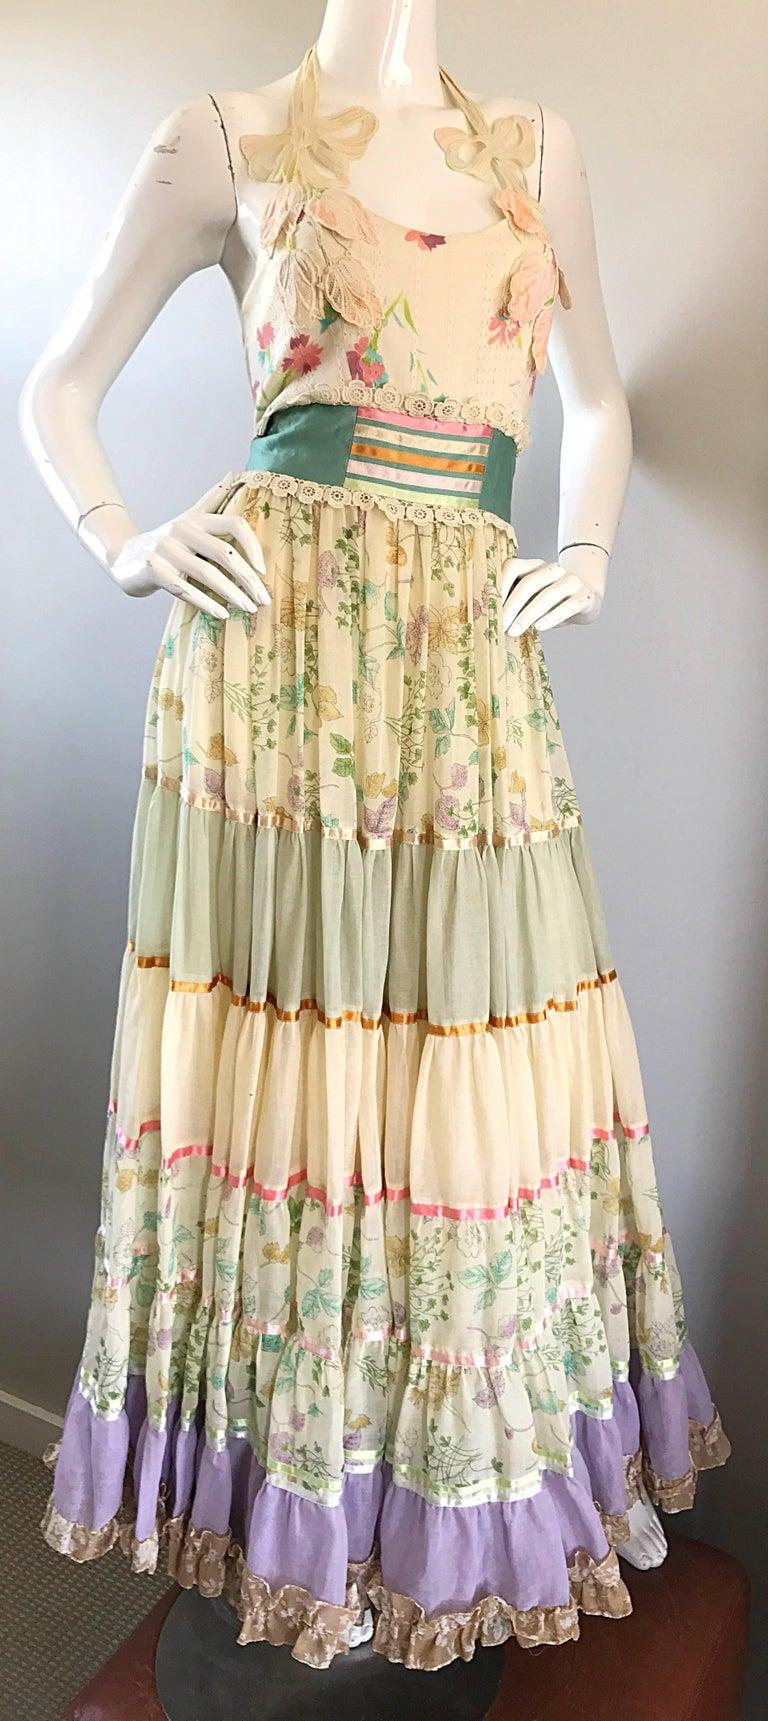 Giorgio di Sant Angelo 1970s Rare Colorful Cotton Voile Vintage 70s Maxi Dress For Sale 2